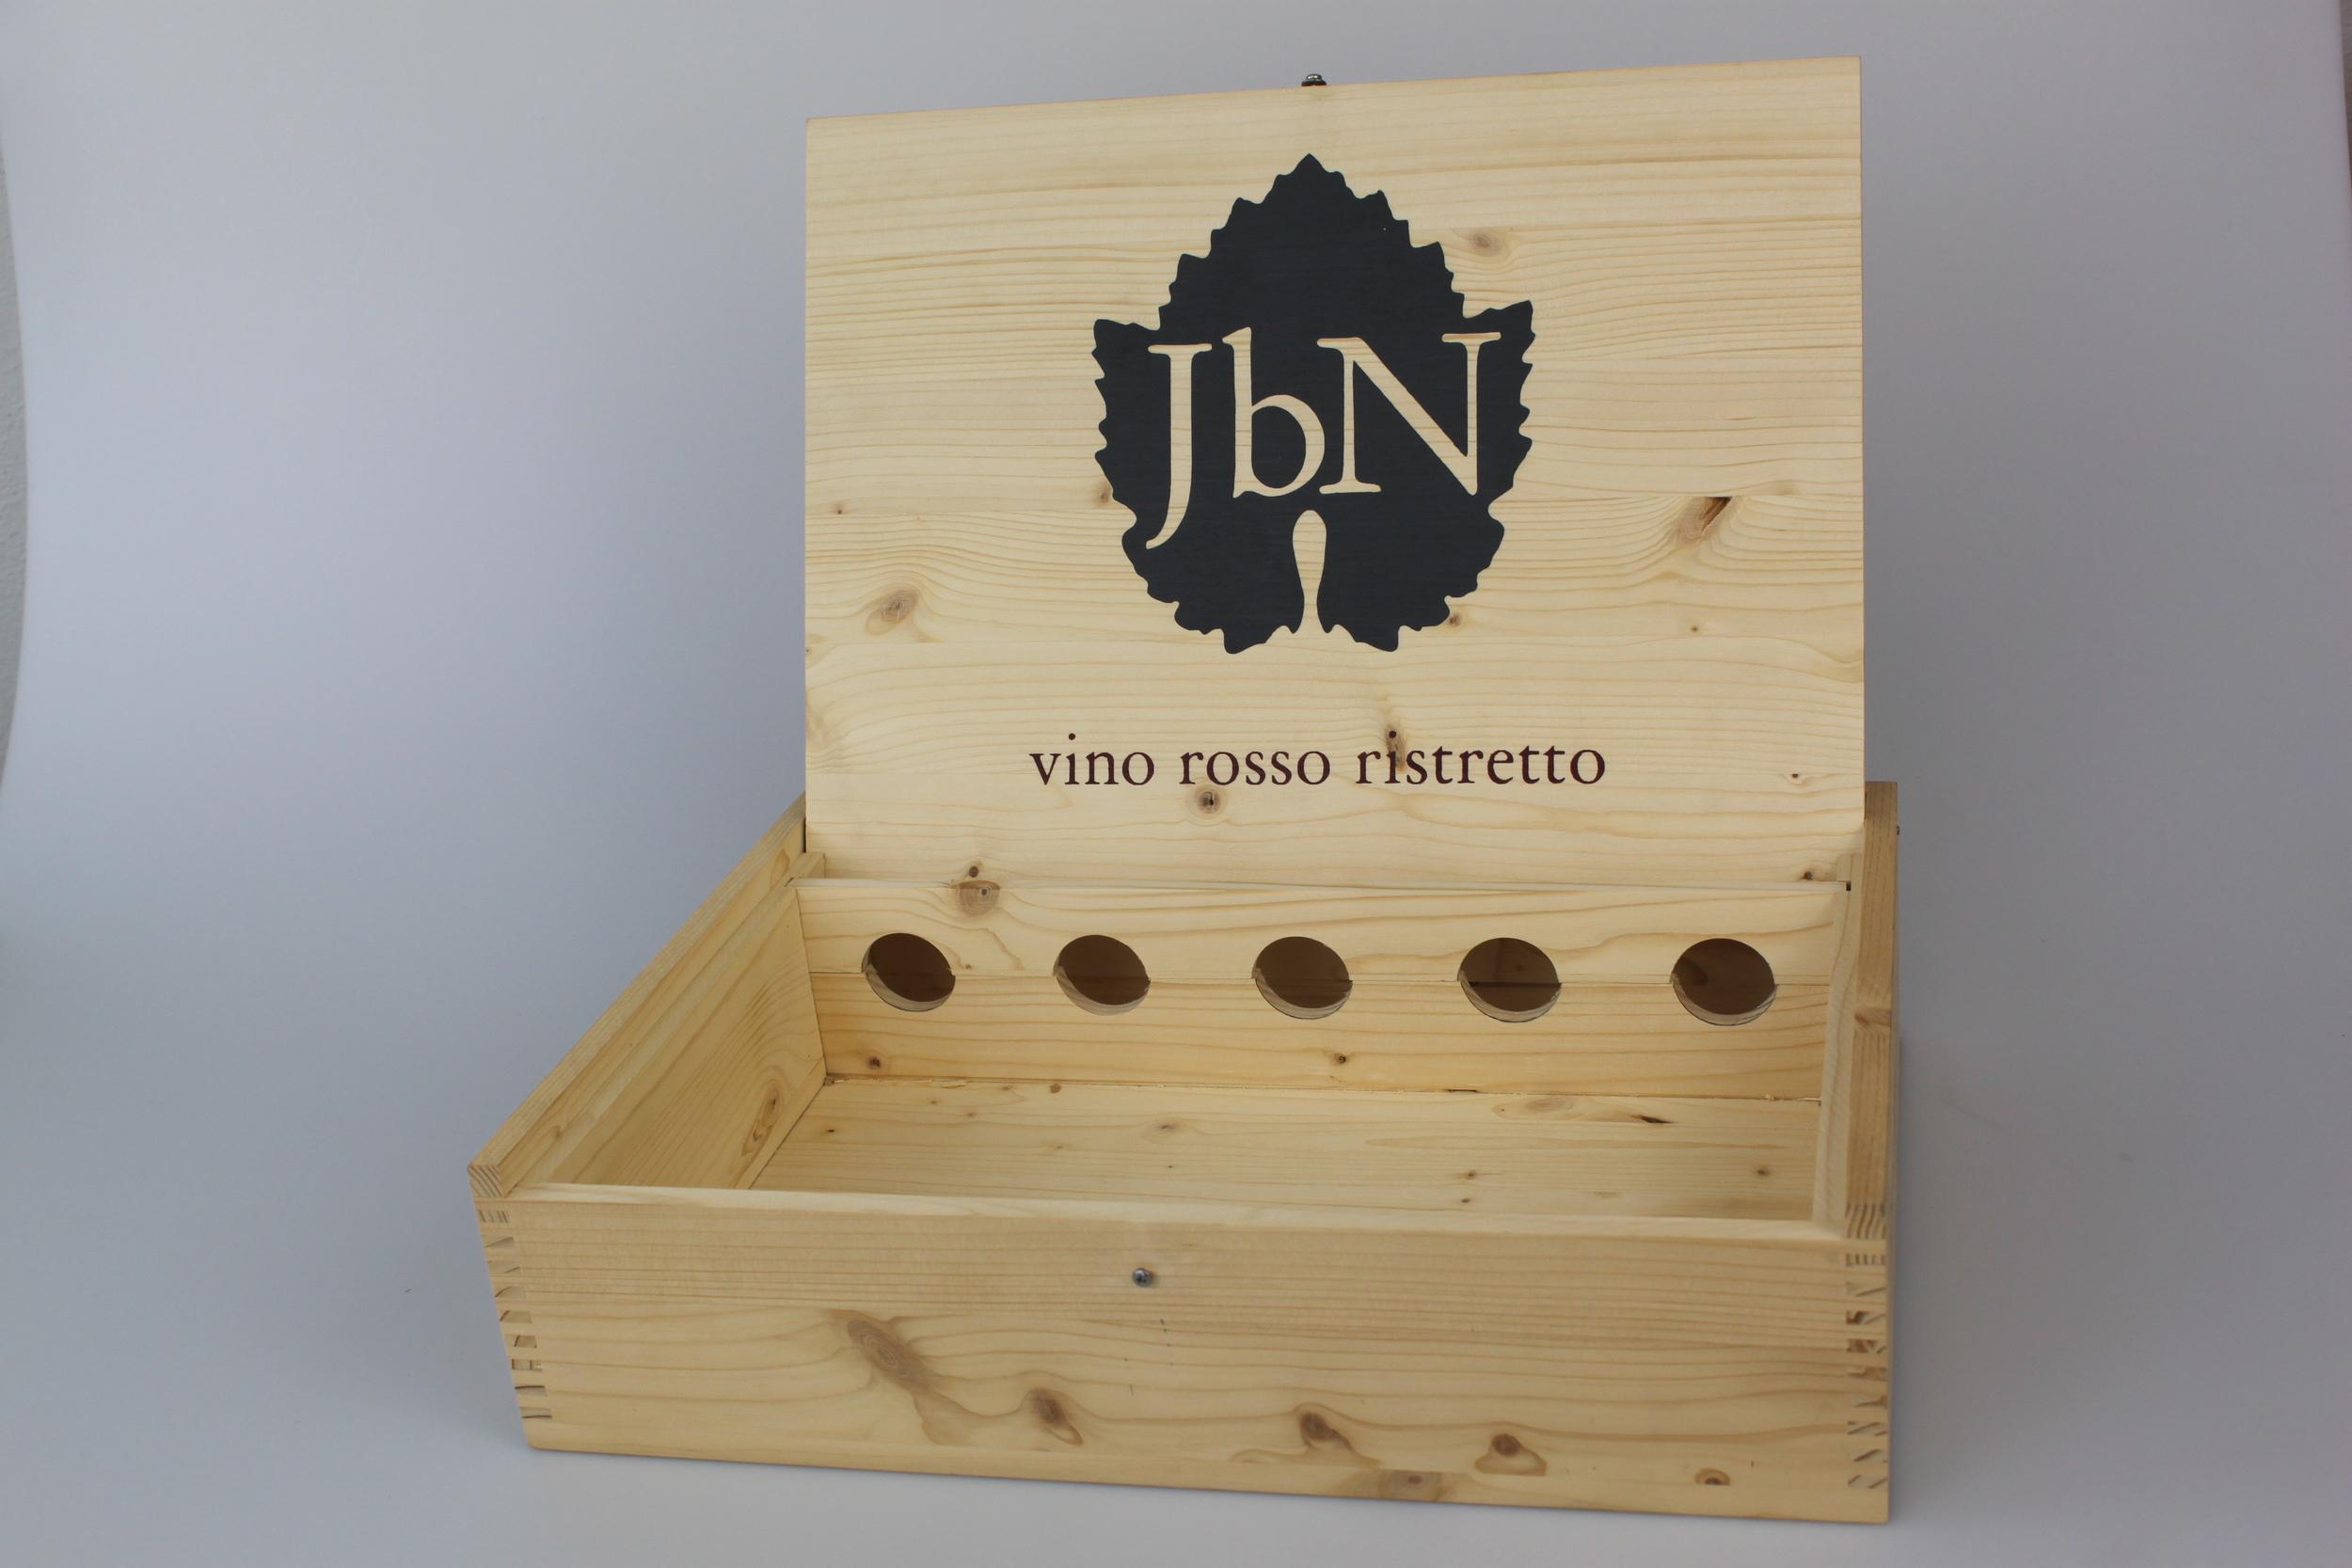 Weinkiste mit Displaydeckel mit Siebdruck und Flaschenhalterung in Nut.